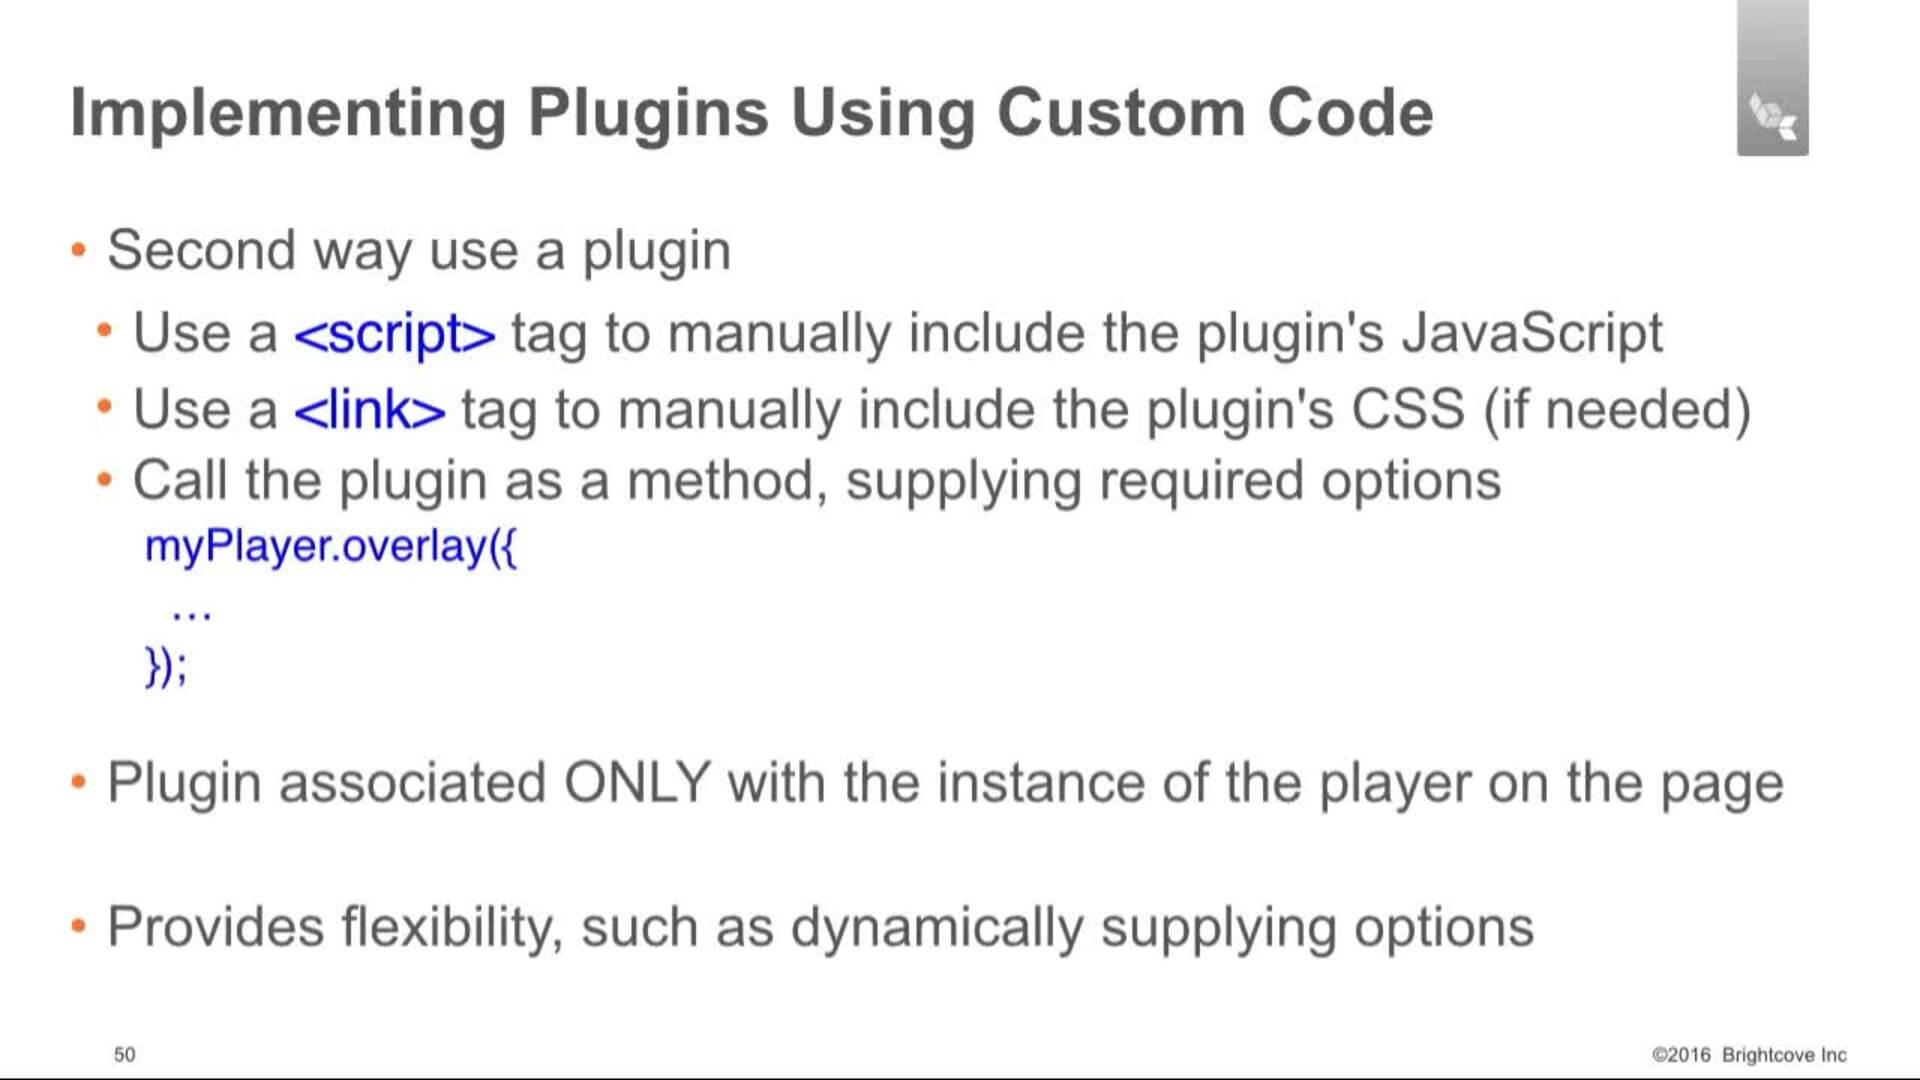 DwBP - 8 Part 1 - Configuring the IMA3 Plugin Using Studio